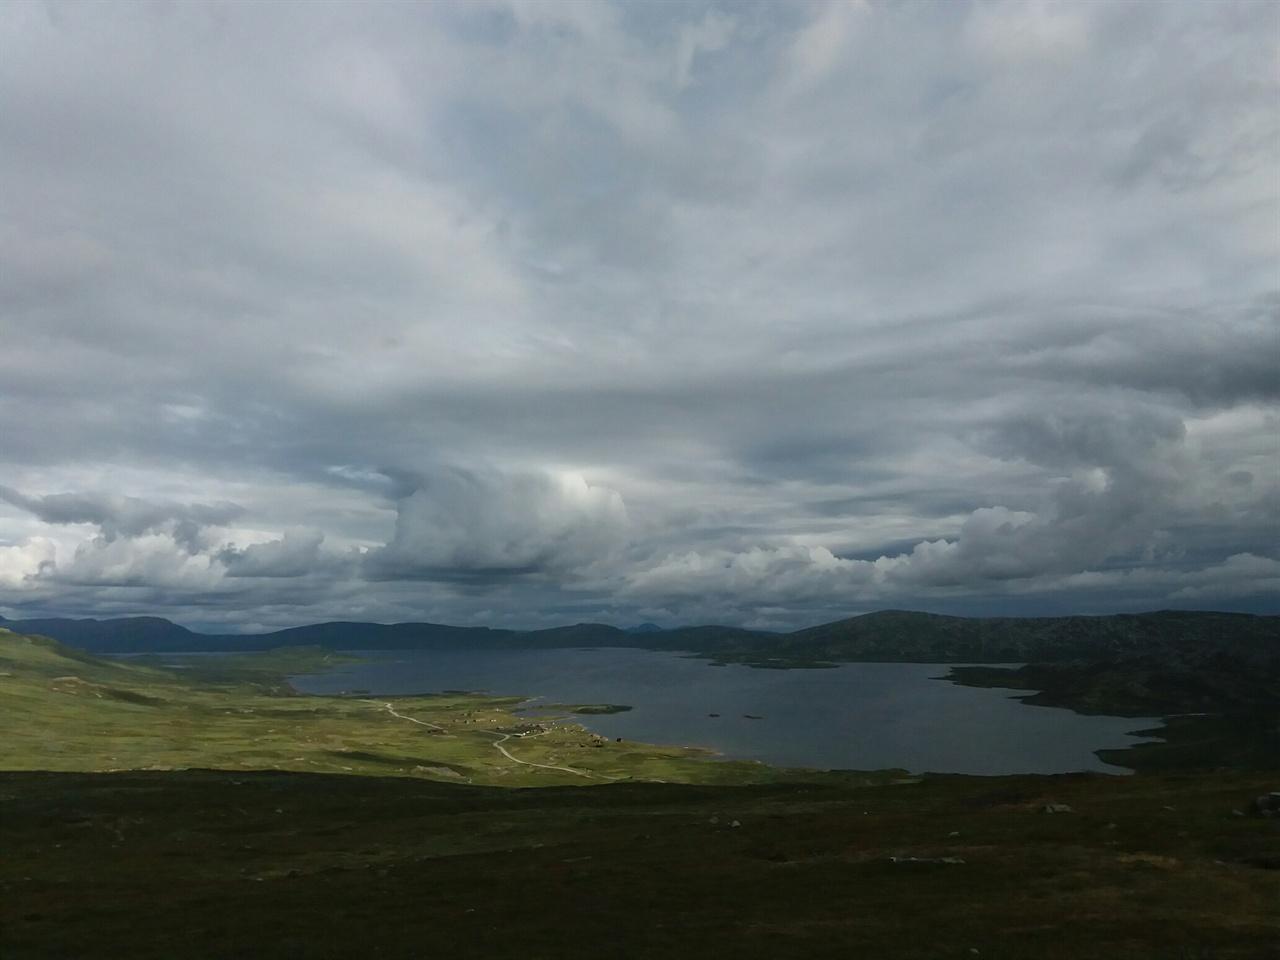 노르웨이 산악 도로 산 정상의 풍경